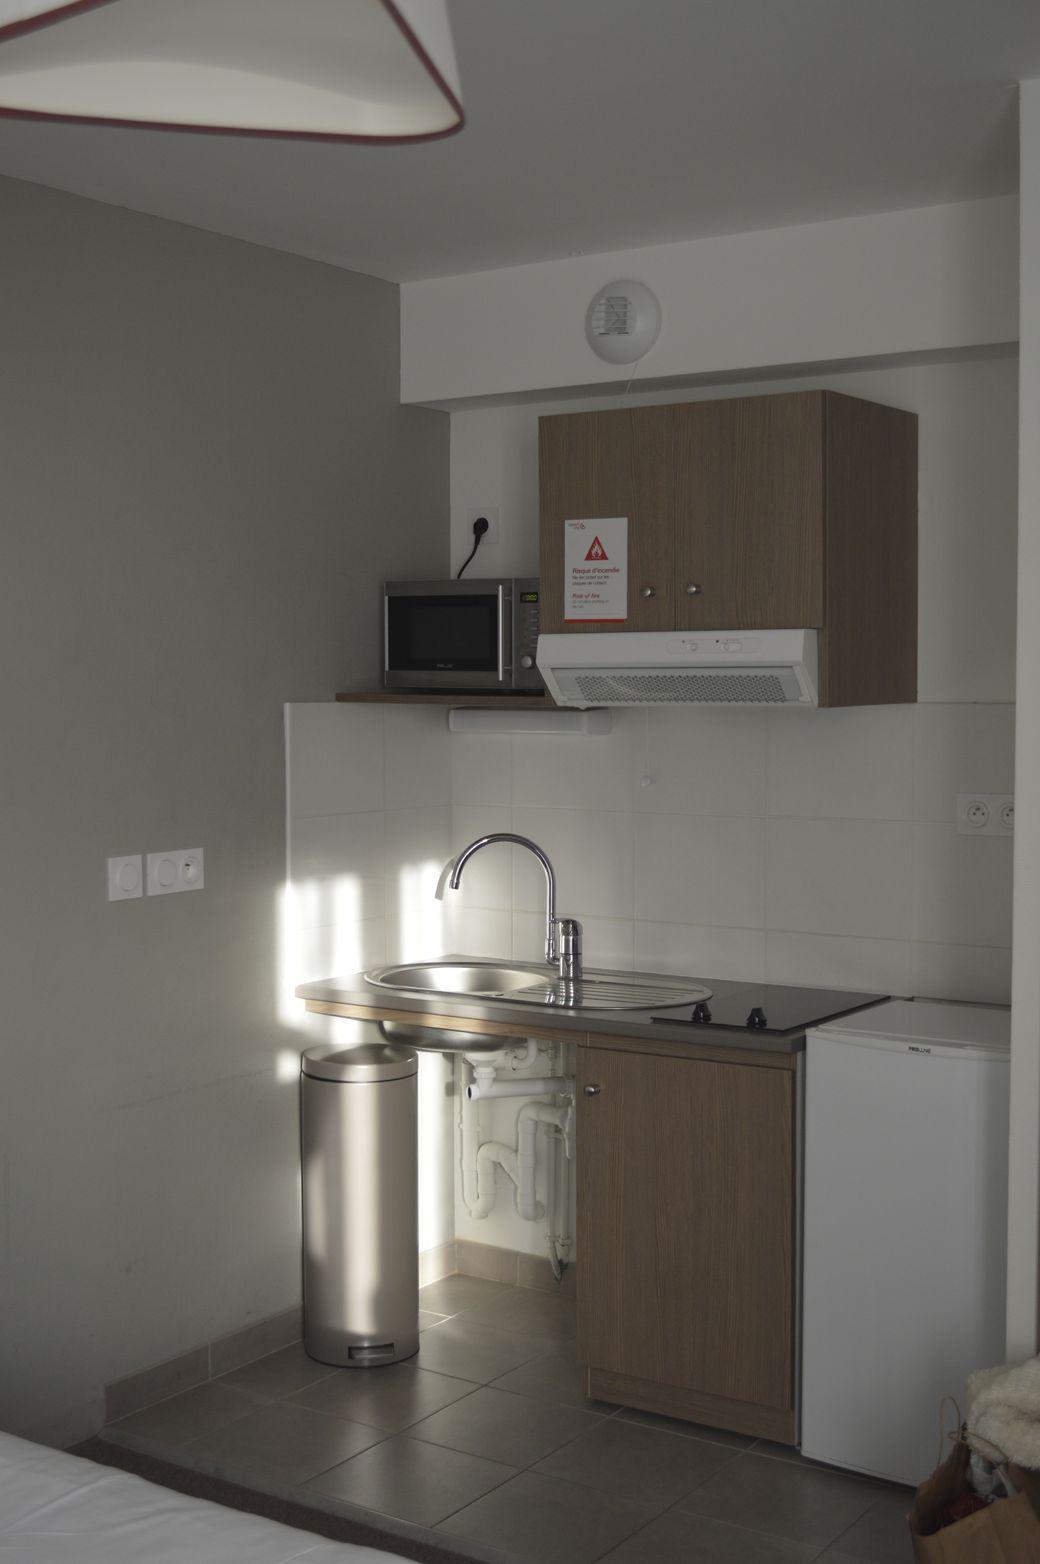 autres departements handliyou. Black Bedroom Furniture Sets. Home Design Ideas